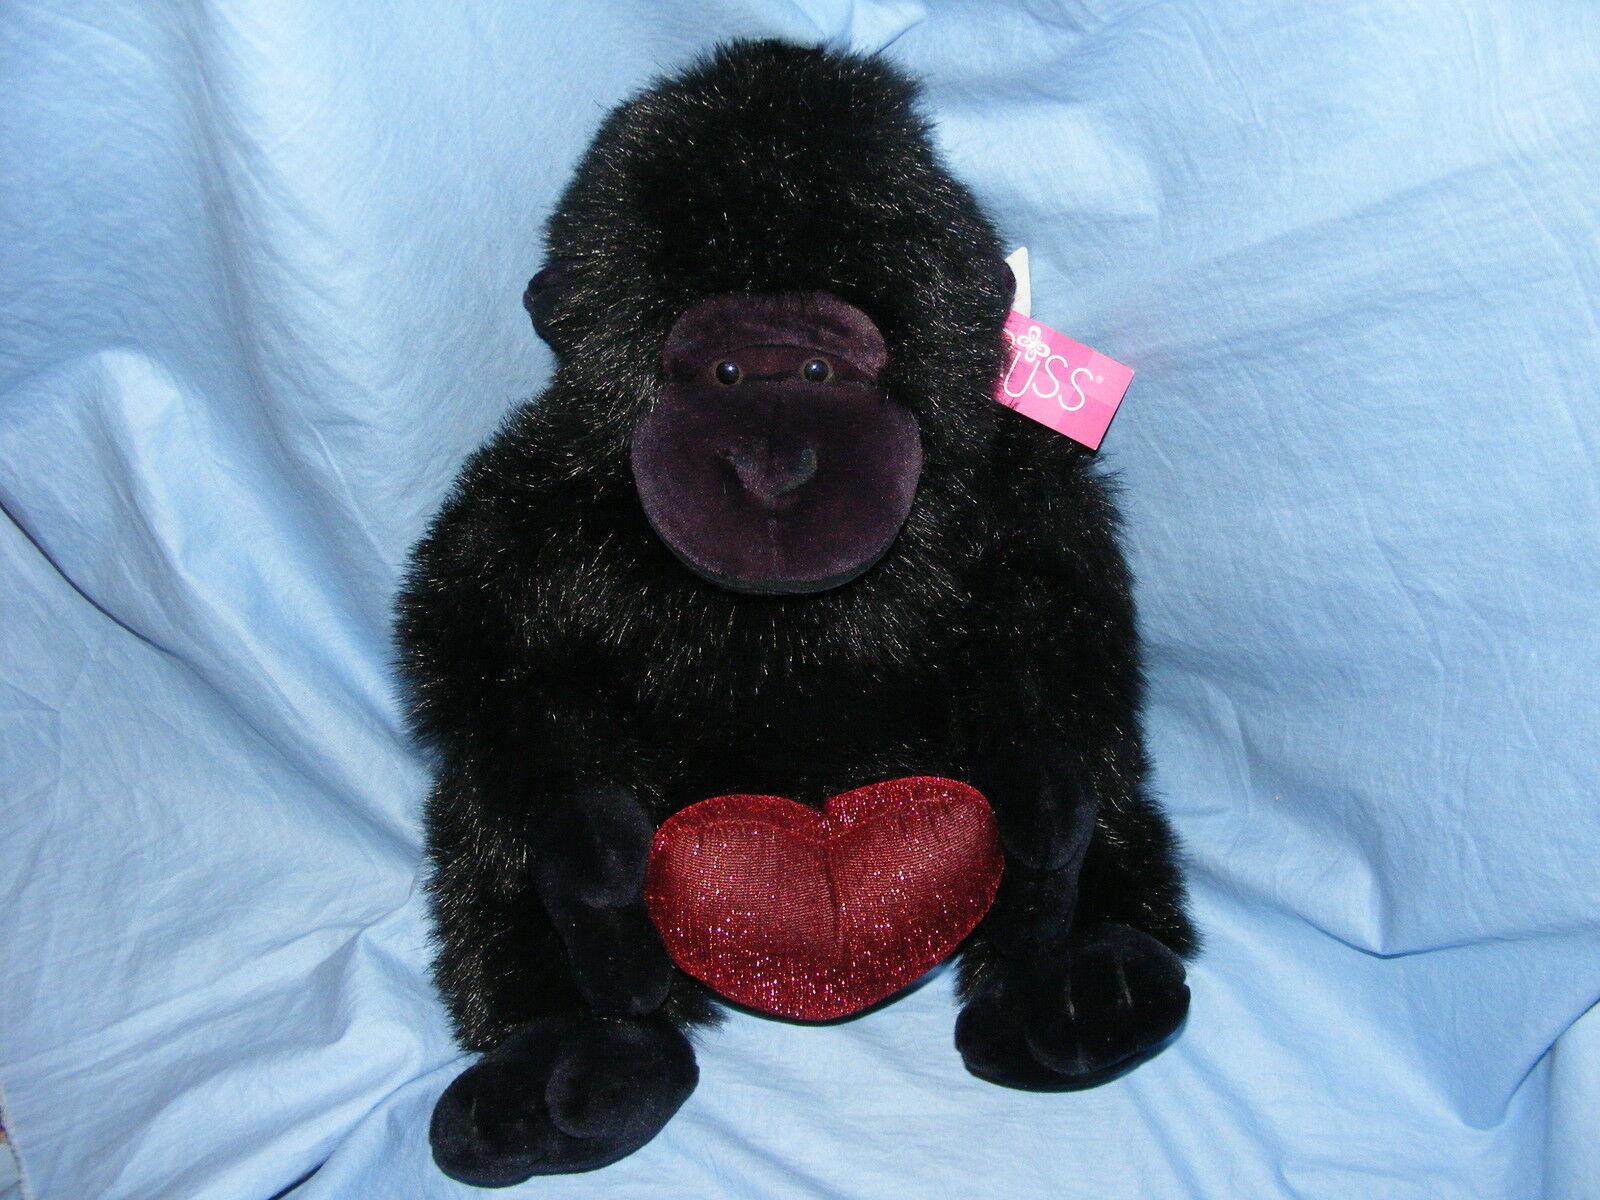 Russ Berrie Gorilla Herz Throbs 5007 Sammelobjekt seltener Geburtstagsgeschenk